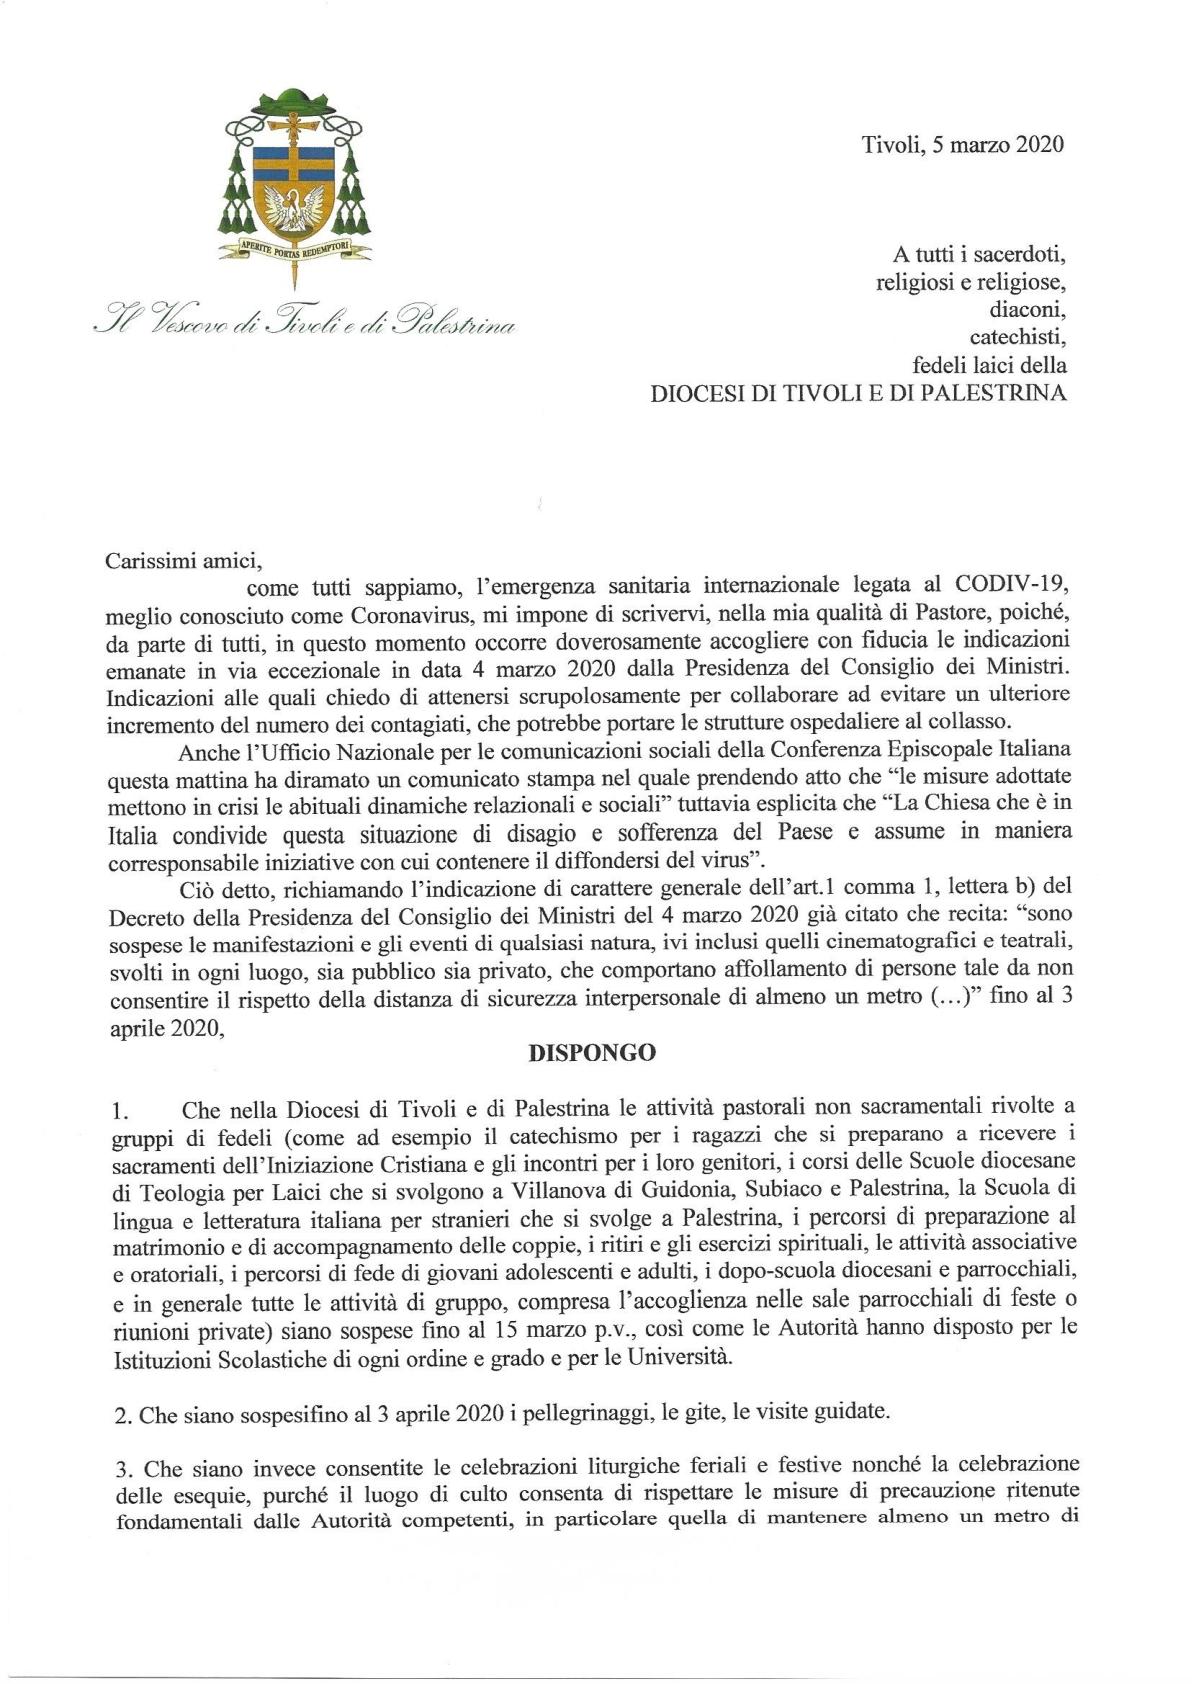 1 Disposizioni Diocesane Tivoli e Palestrina per COVID-19